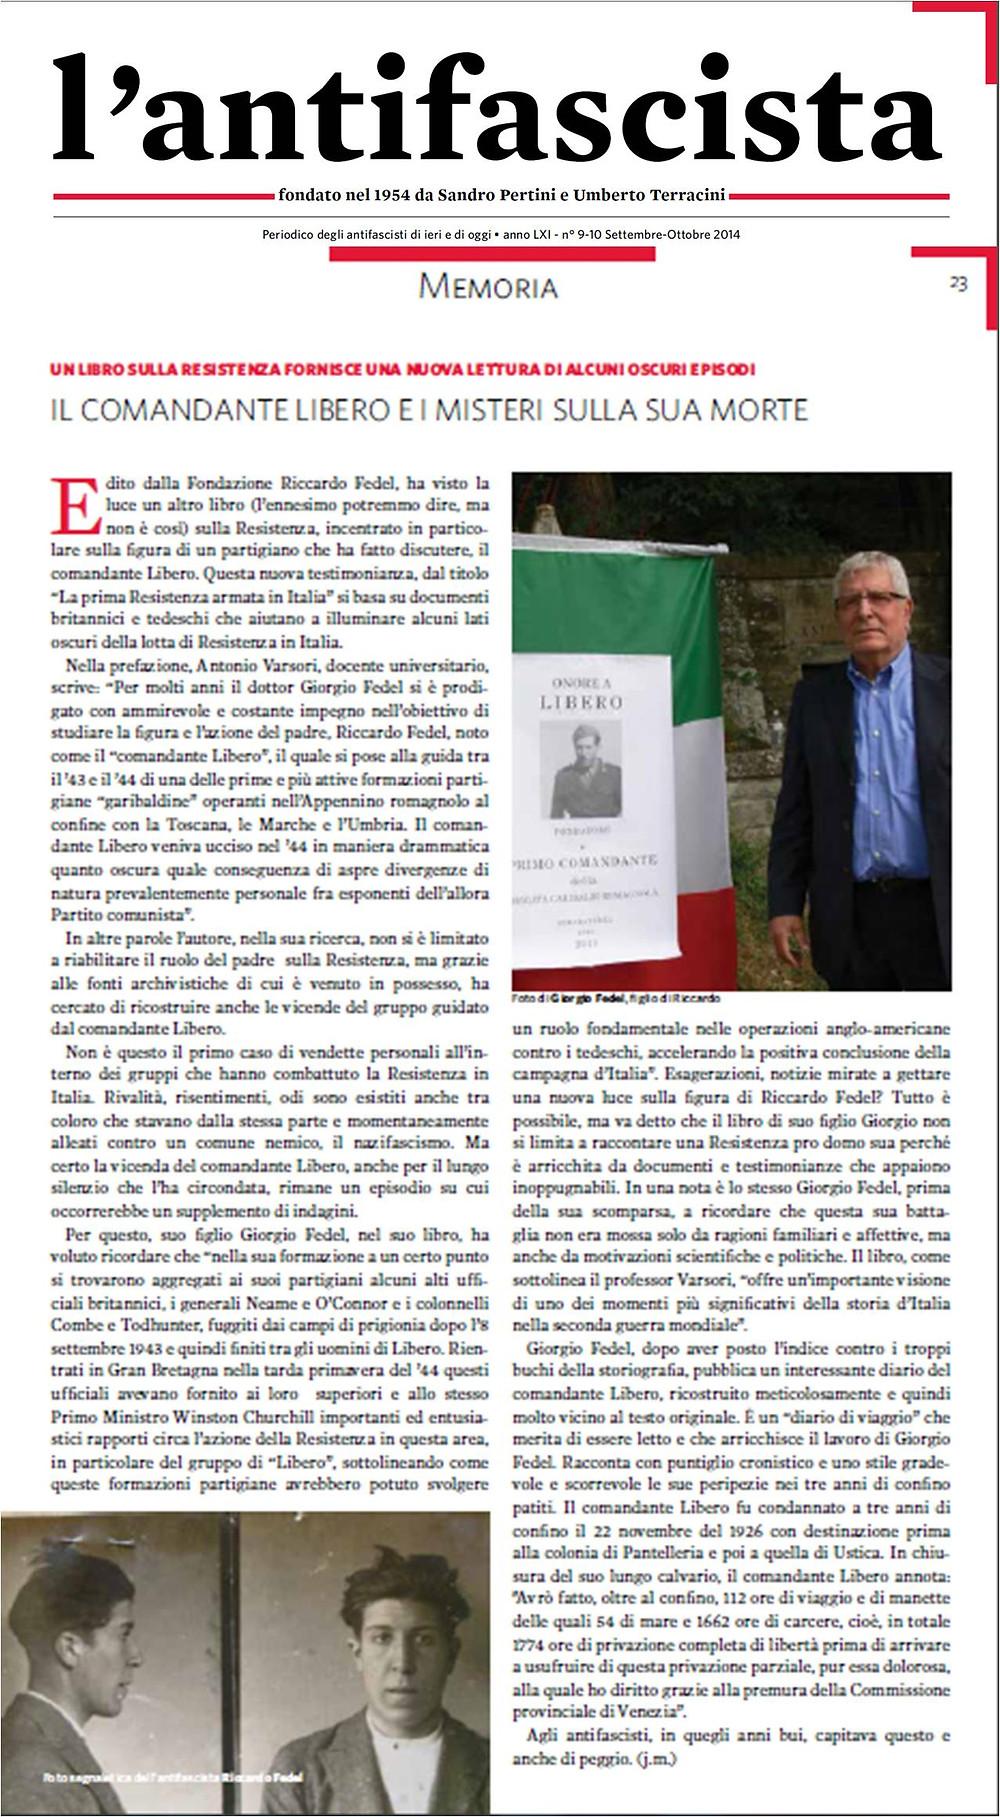 L'antifascista- recensione saggio Giorgio Fedel.jpg